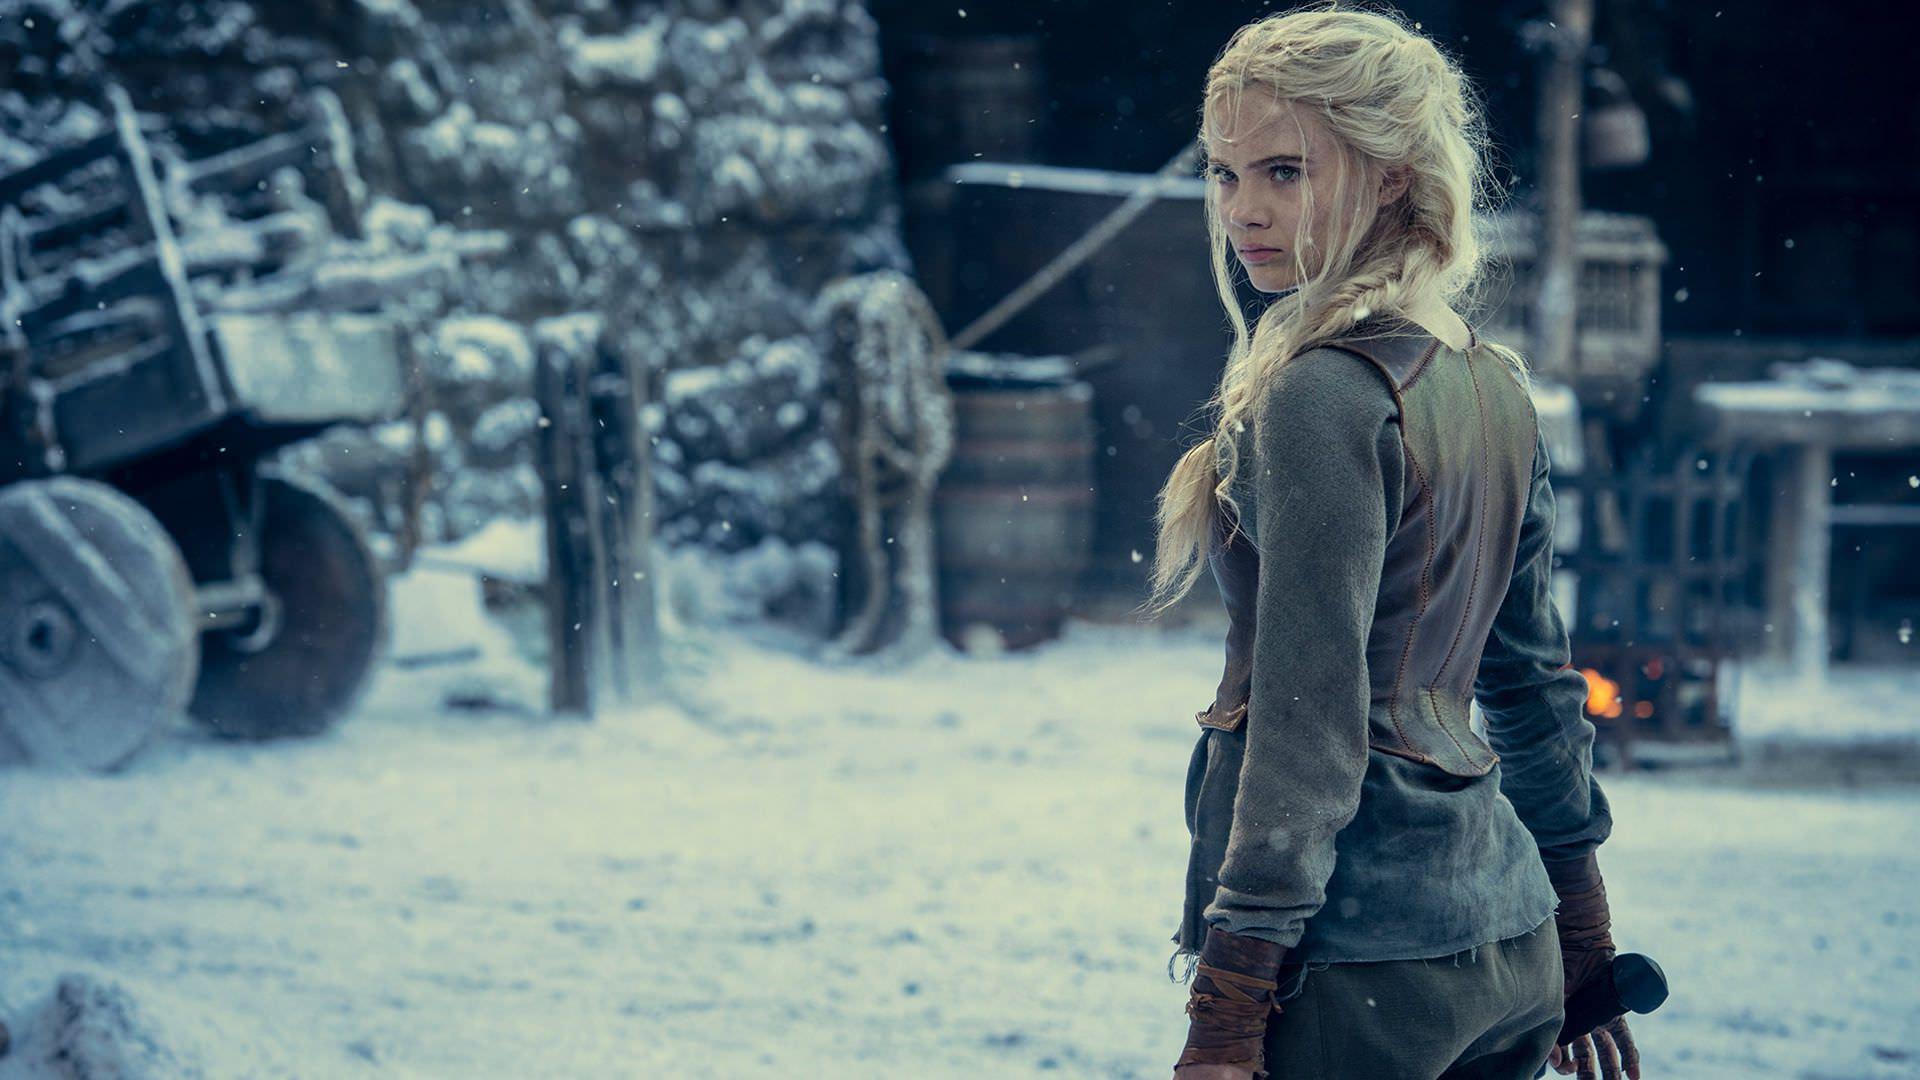 بازیگر احتمالی نقش «ملکه میو» در سریال The Witcher مشخص شد 1